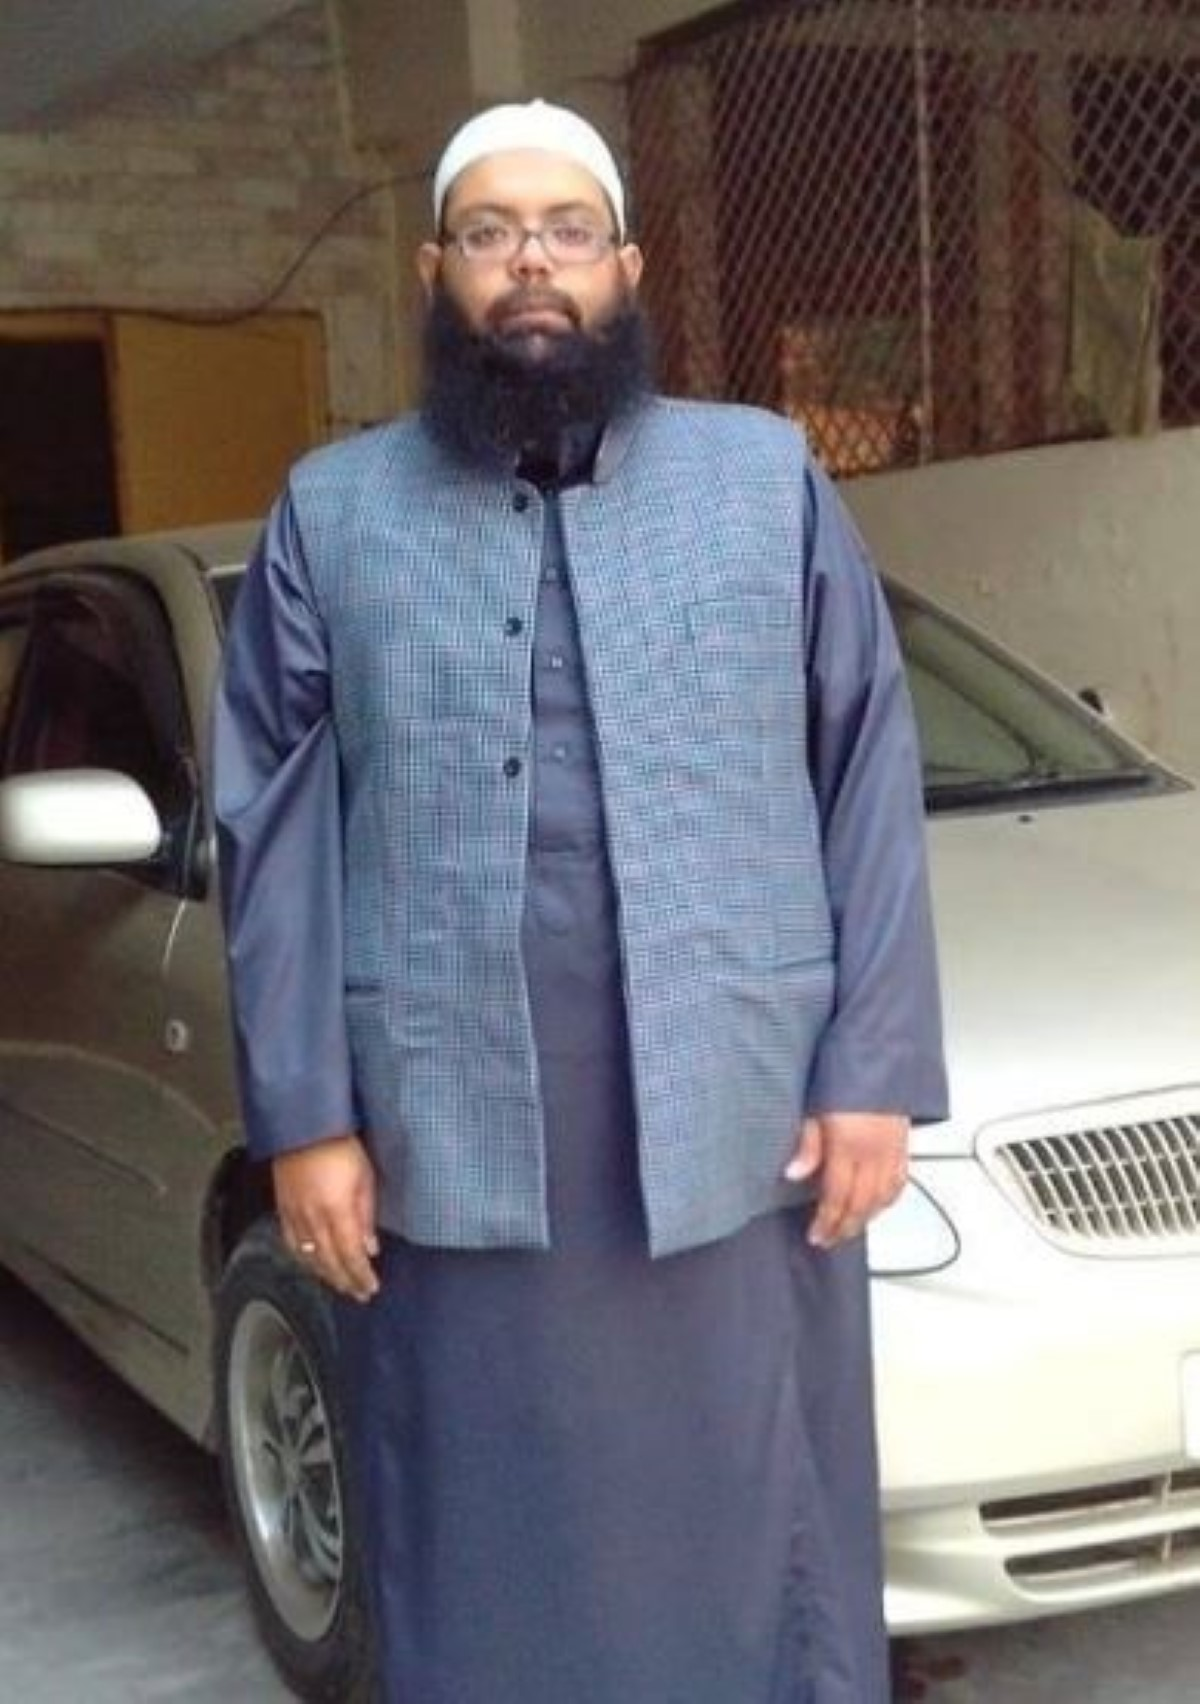 Le prédicateur radical Javed Meetoo reste en détention